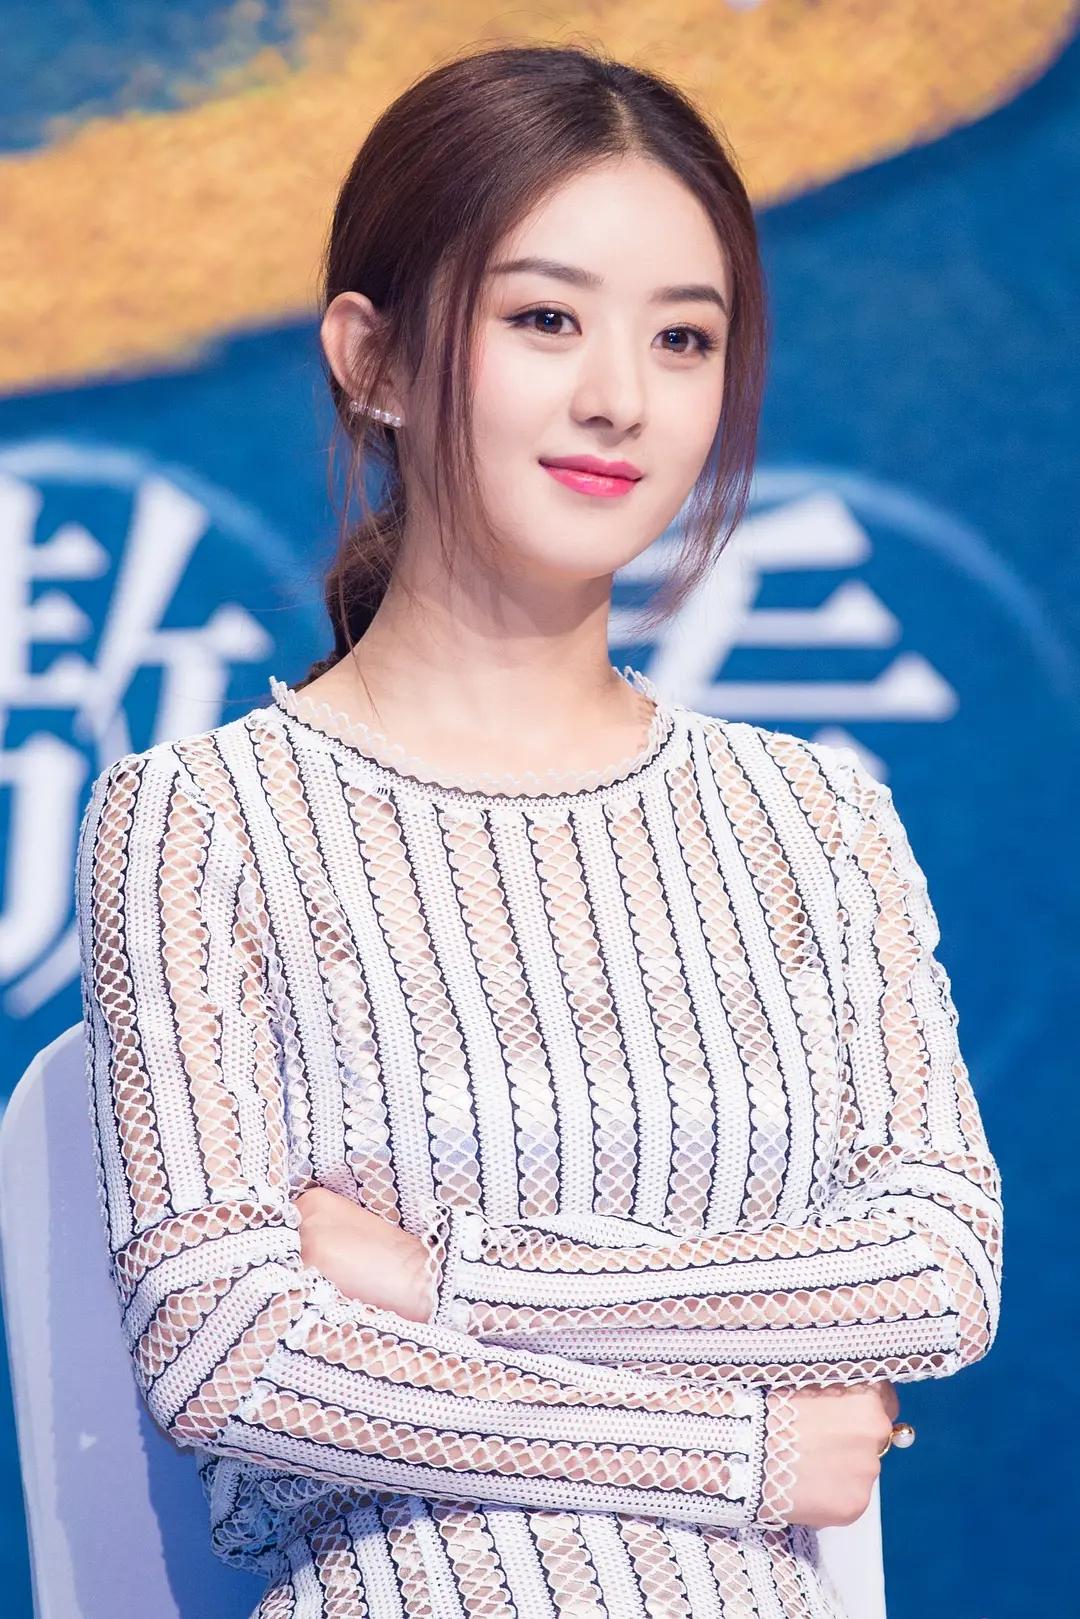 赵丽颖被传已经离婚,孩子不是冯绍峰亲生,工作室连夜发声明回应